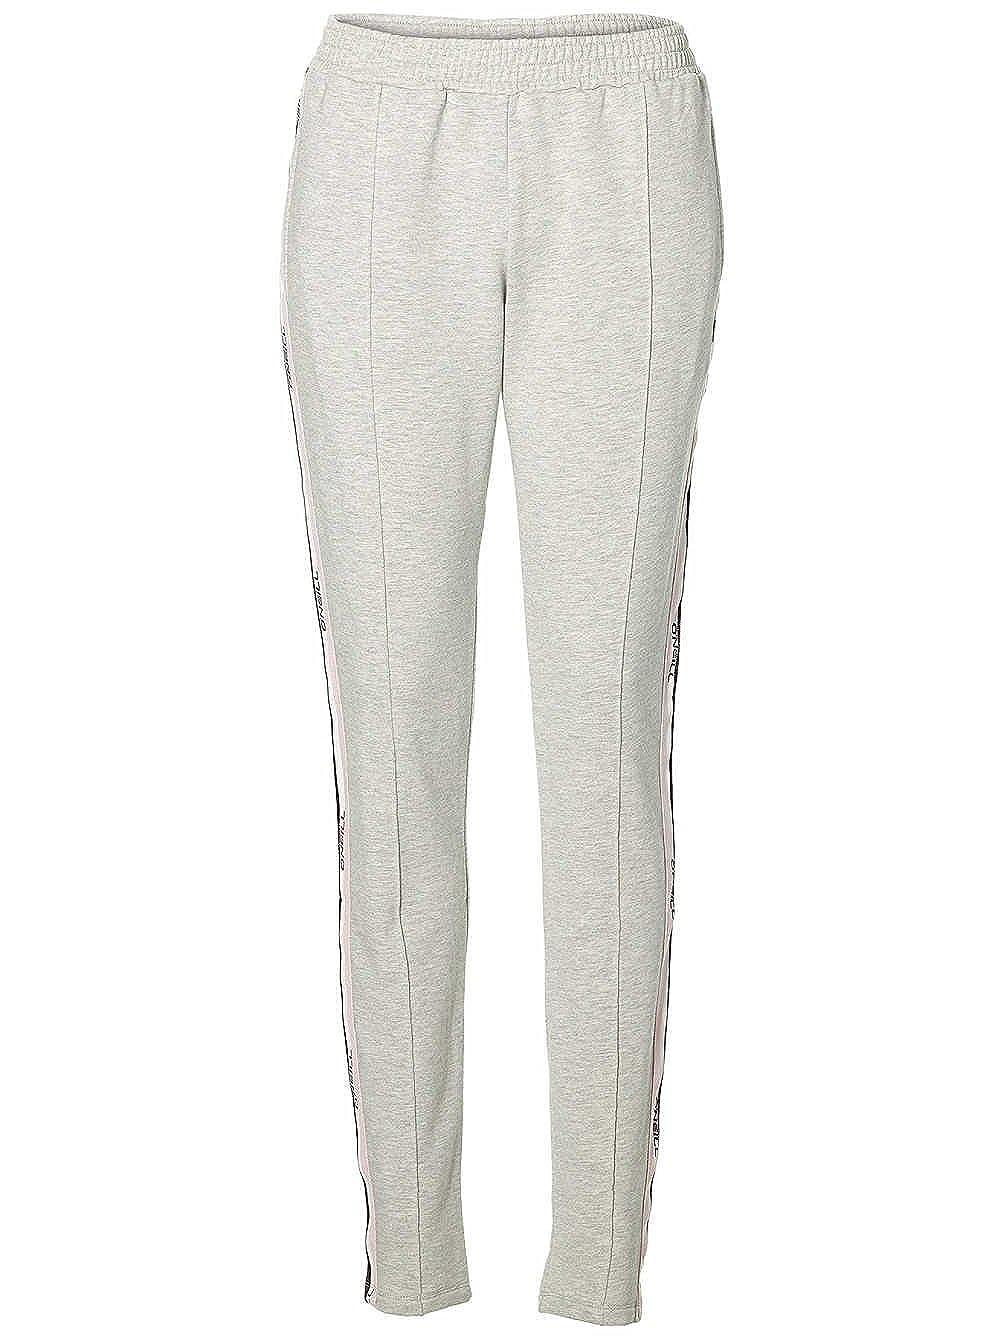 ONeill - Pantalones de chándal para Mujer: Amazon.es: Ropa y ...